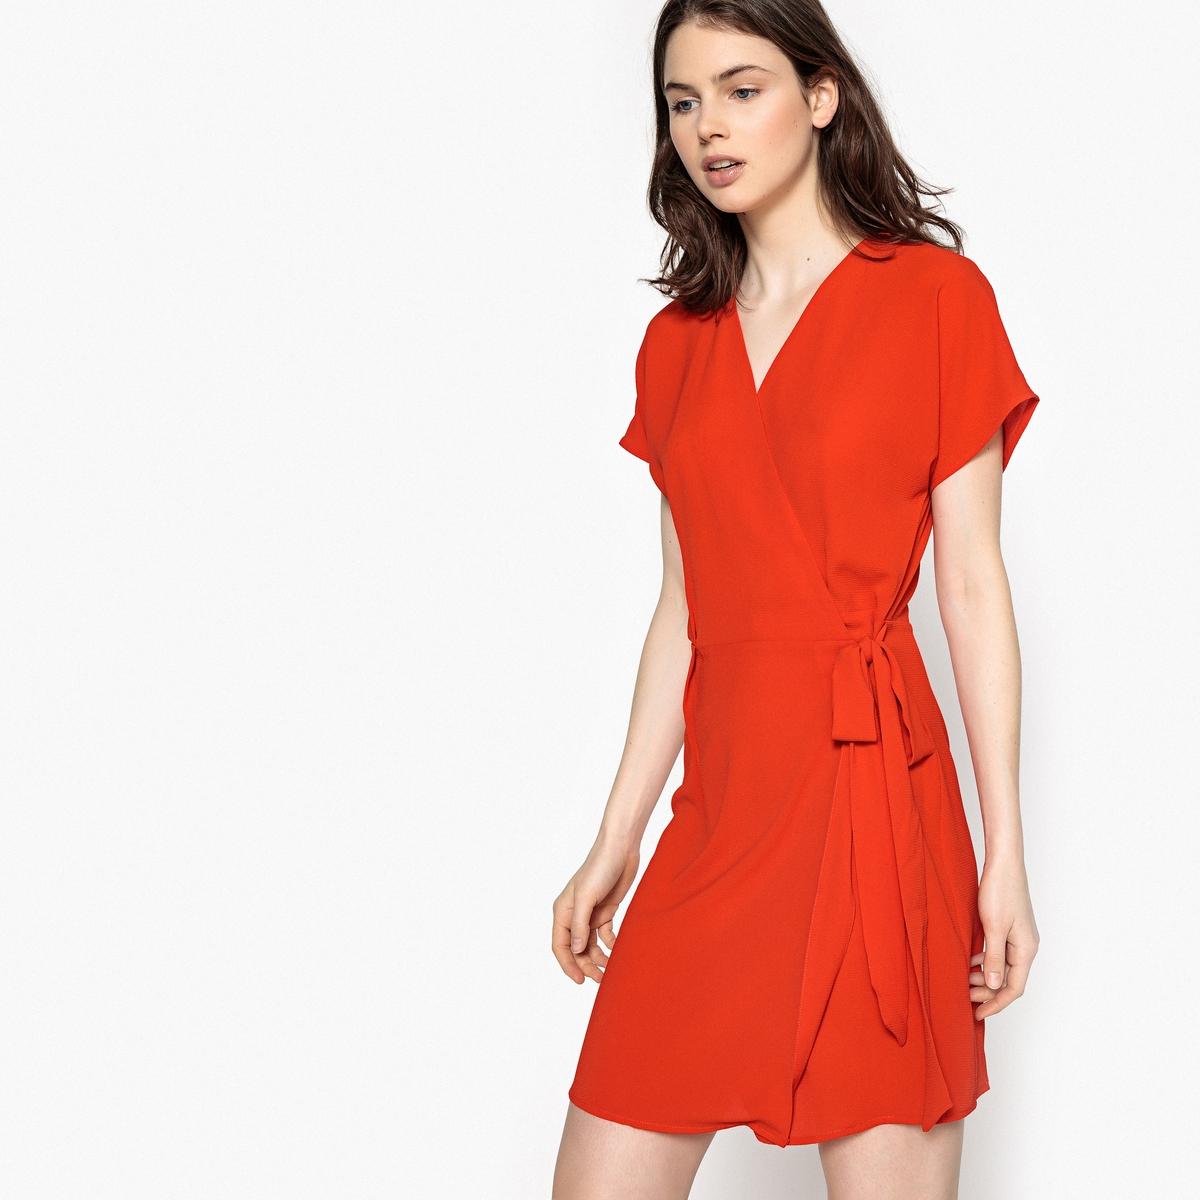 Платье короткое прямое однотонное с короткими рукавамиОписание:Детали •  Форма : прямая •  Укороченная модель •  Короткие рукава    •   V-образный вырезСостав и уход •  100% полиэстер •  Следуйте рекомендациям по уходу, указанным на этикетке изделия<br><br>Цвет: красный